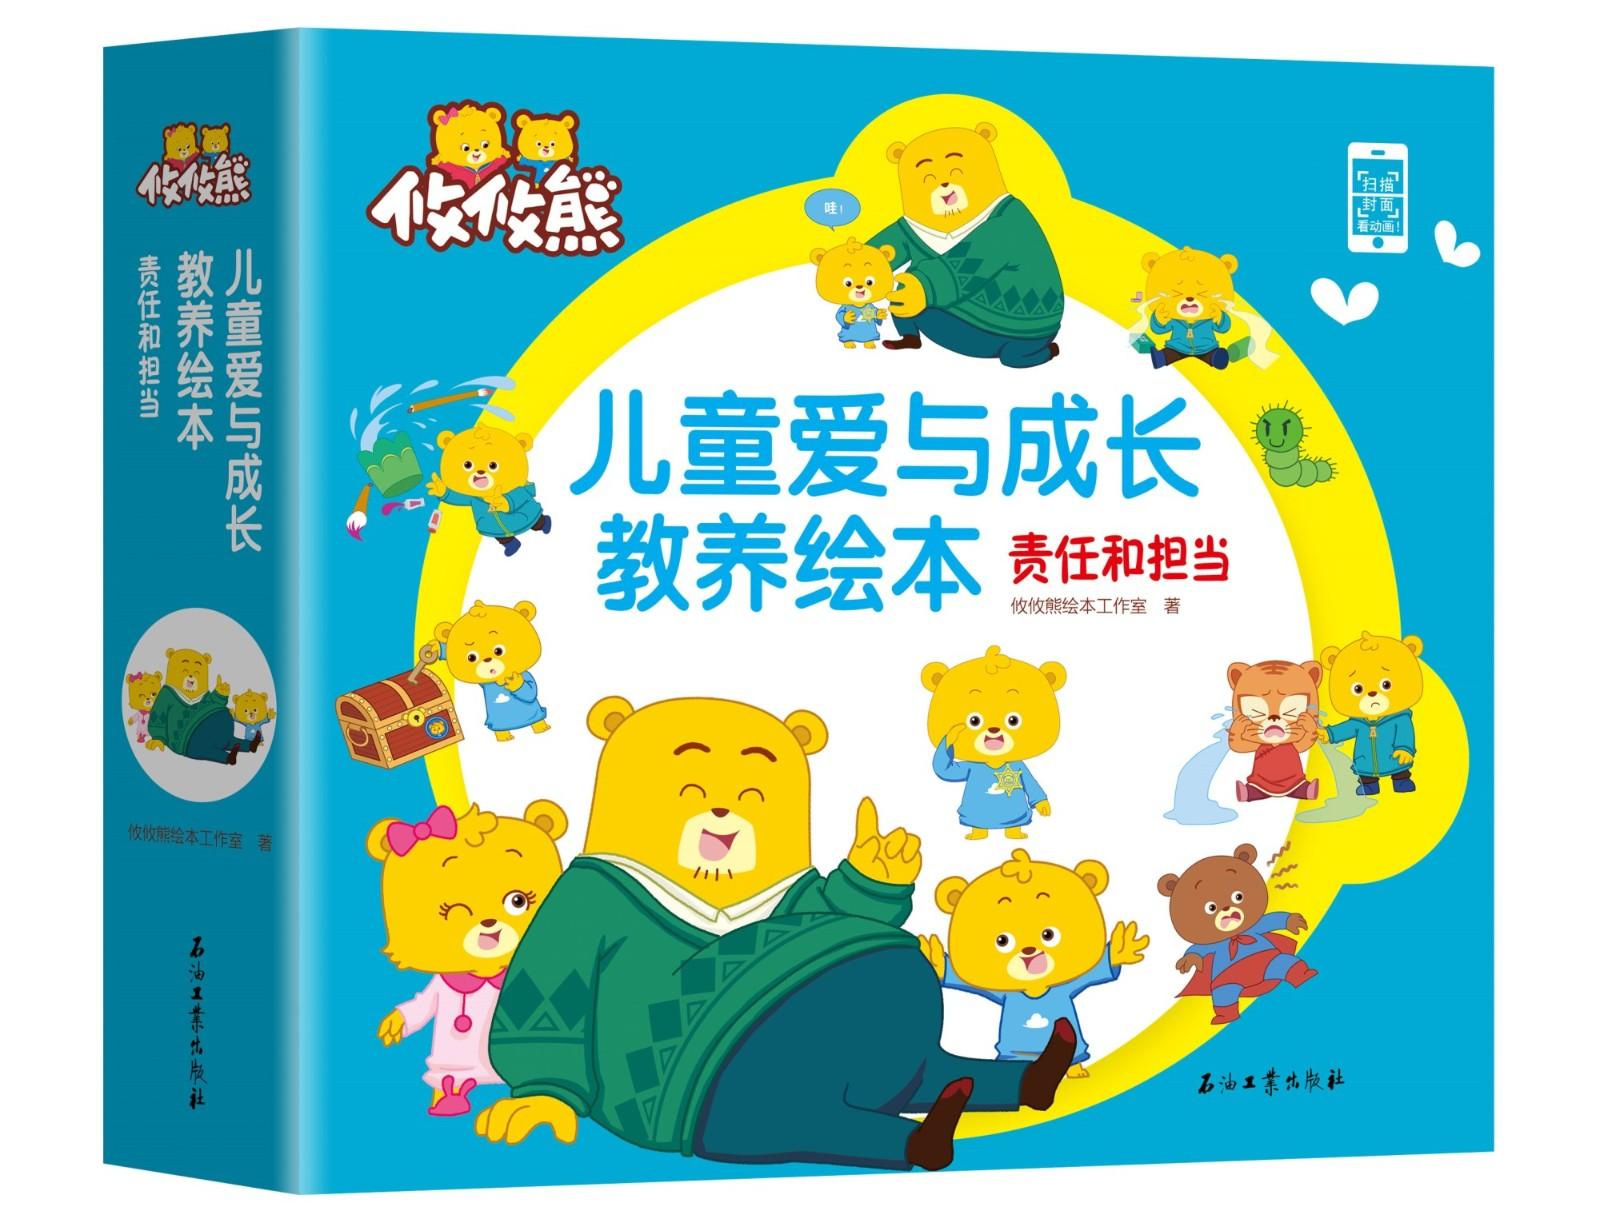 《攸攸熊 AR儿童爱与成长绘本:责任和担当》(套装全4册)